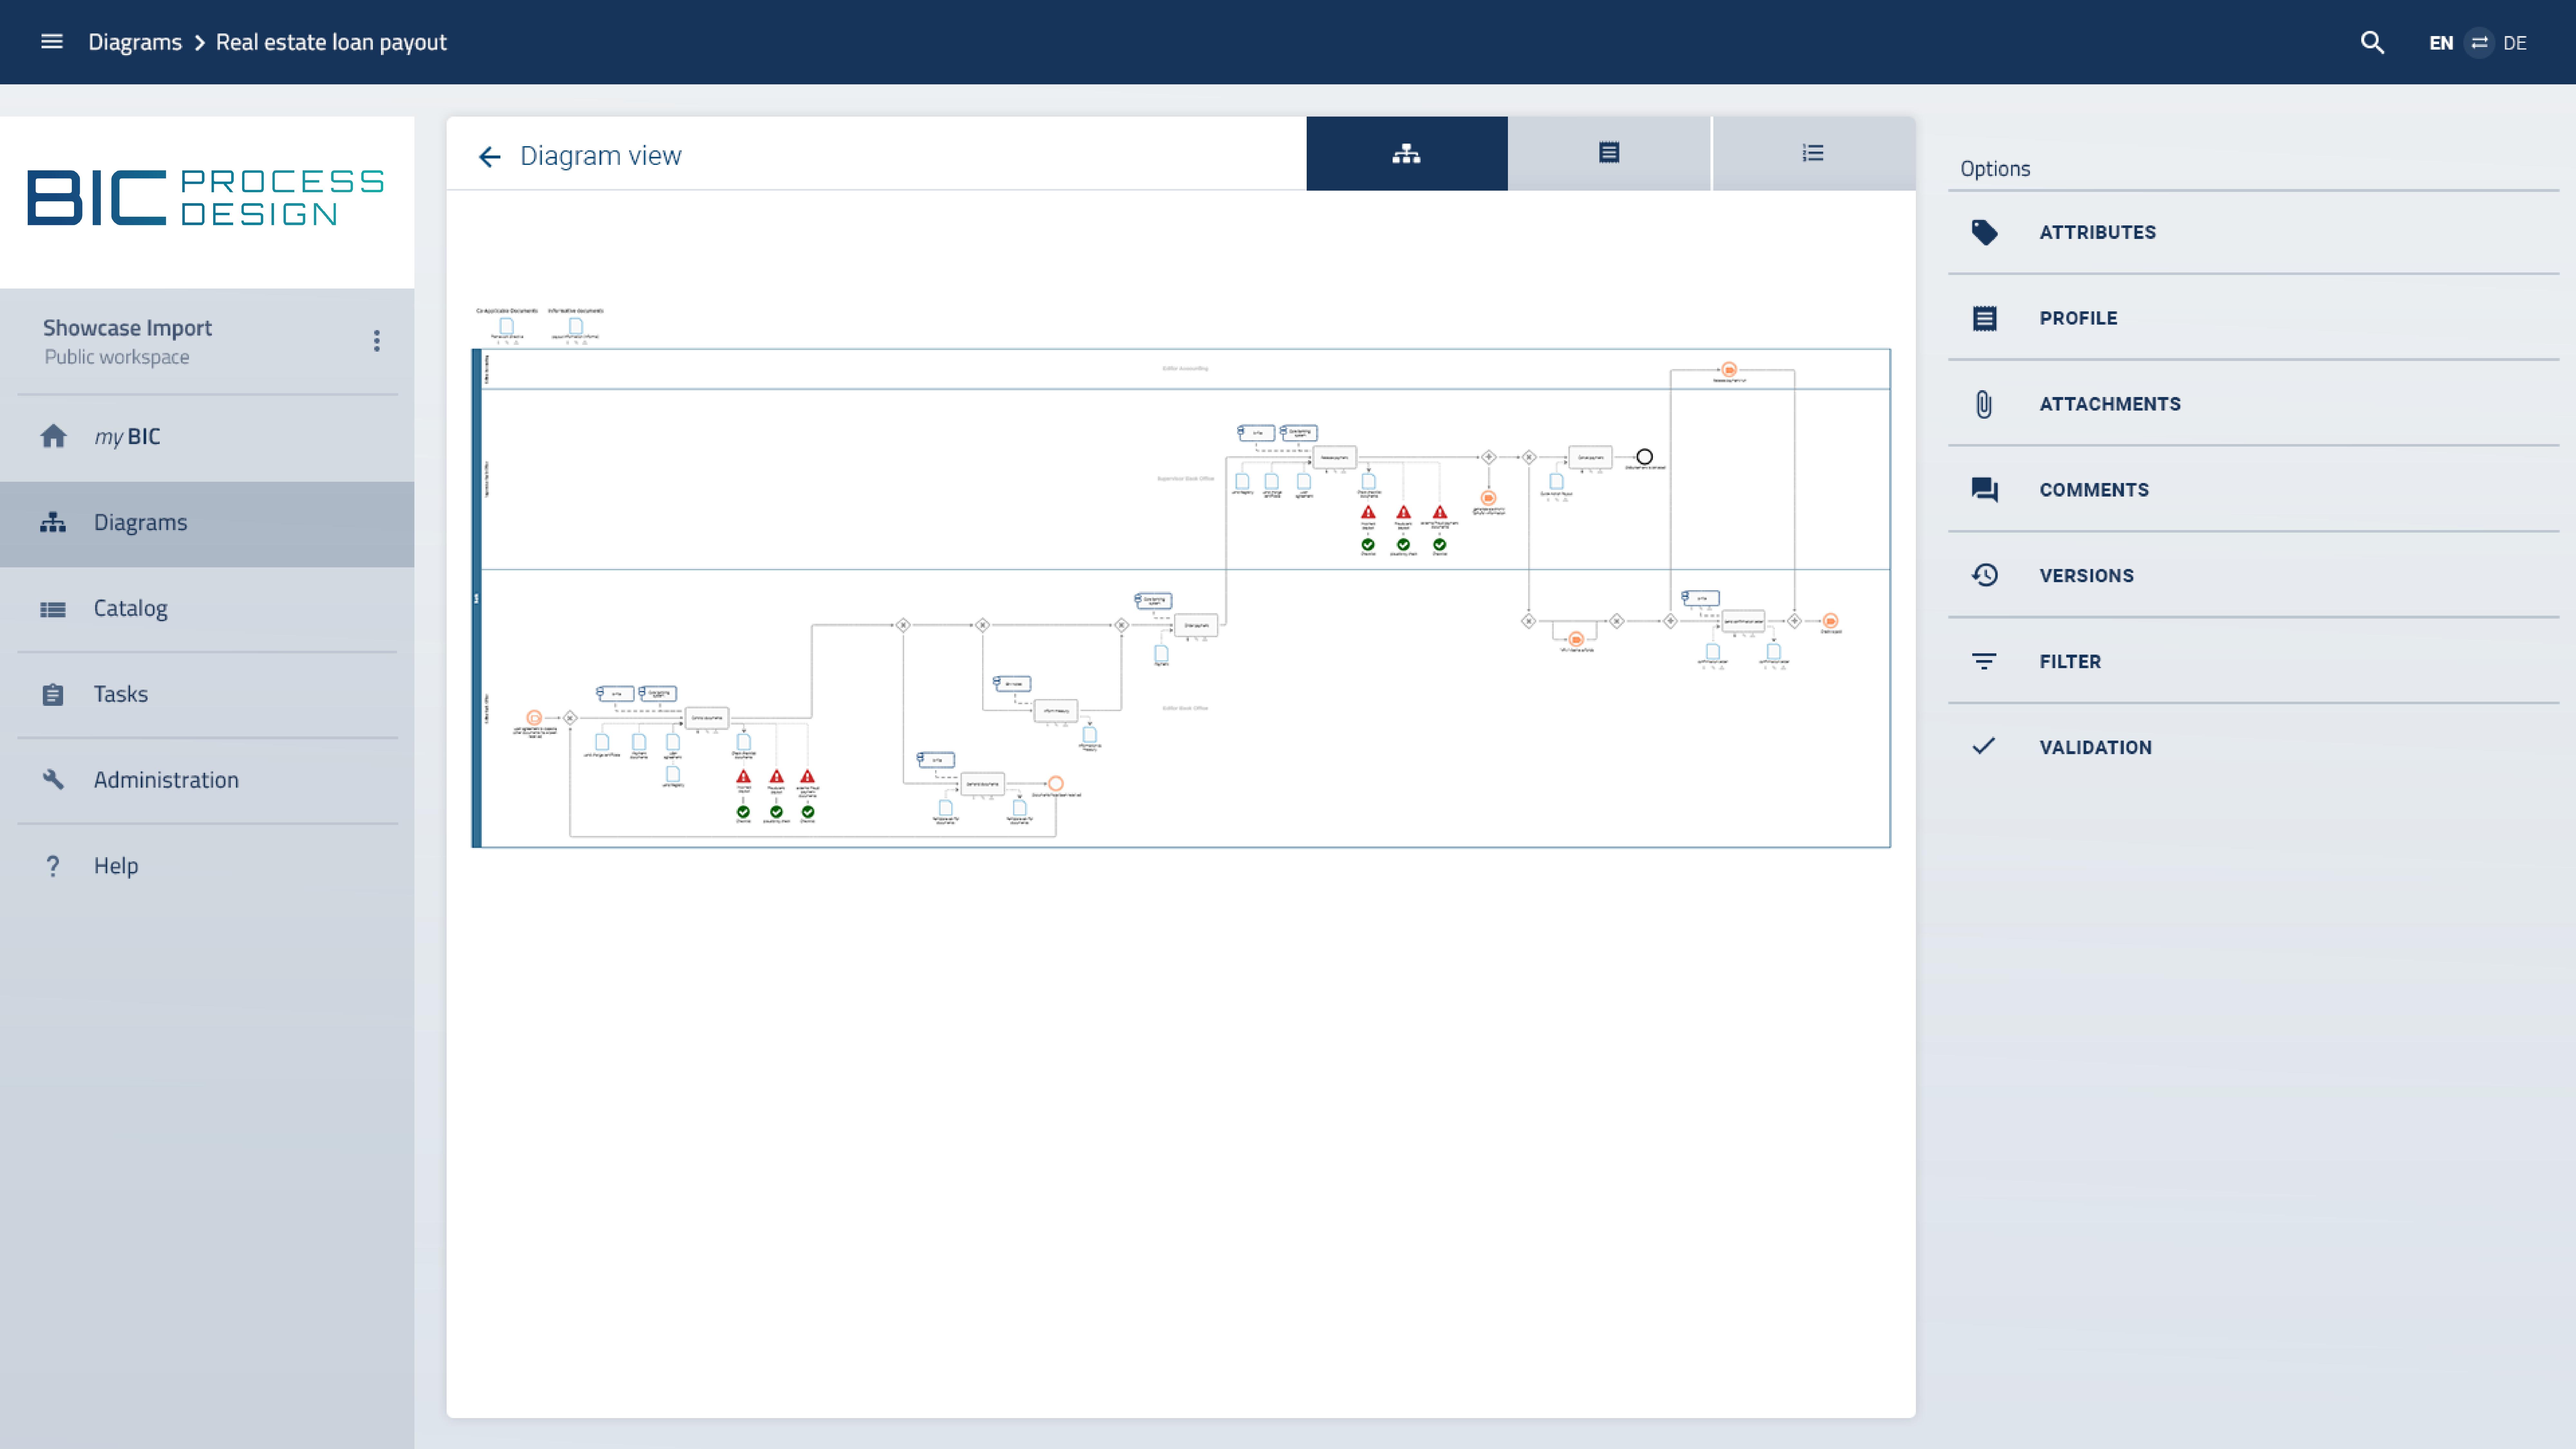 Diagrama de bpmn en BIC Process Design